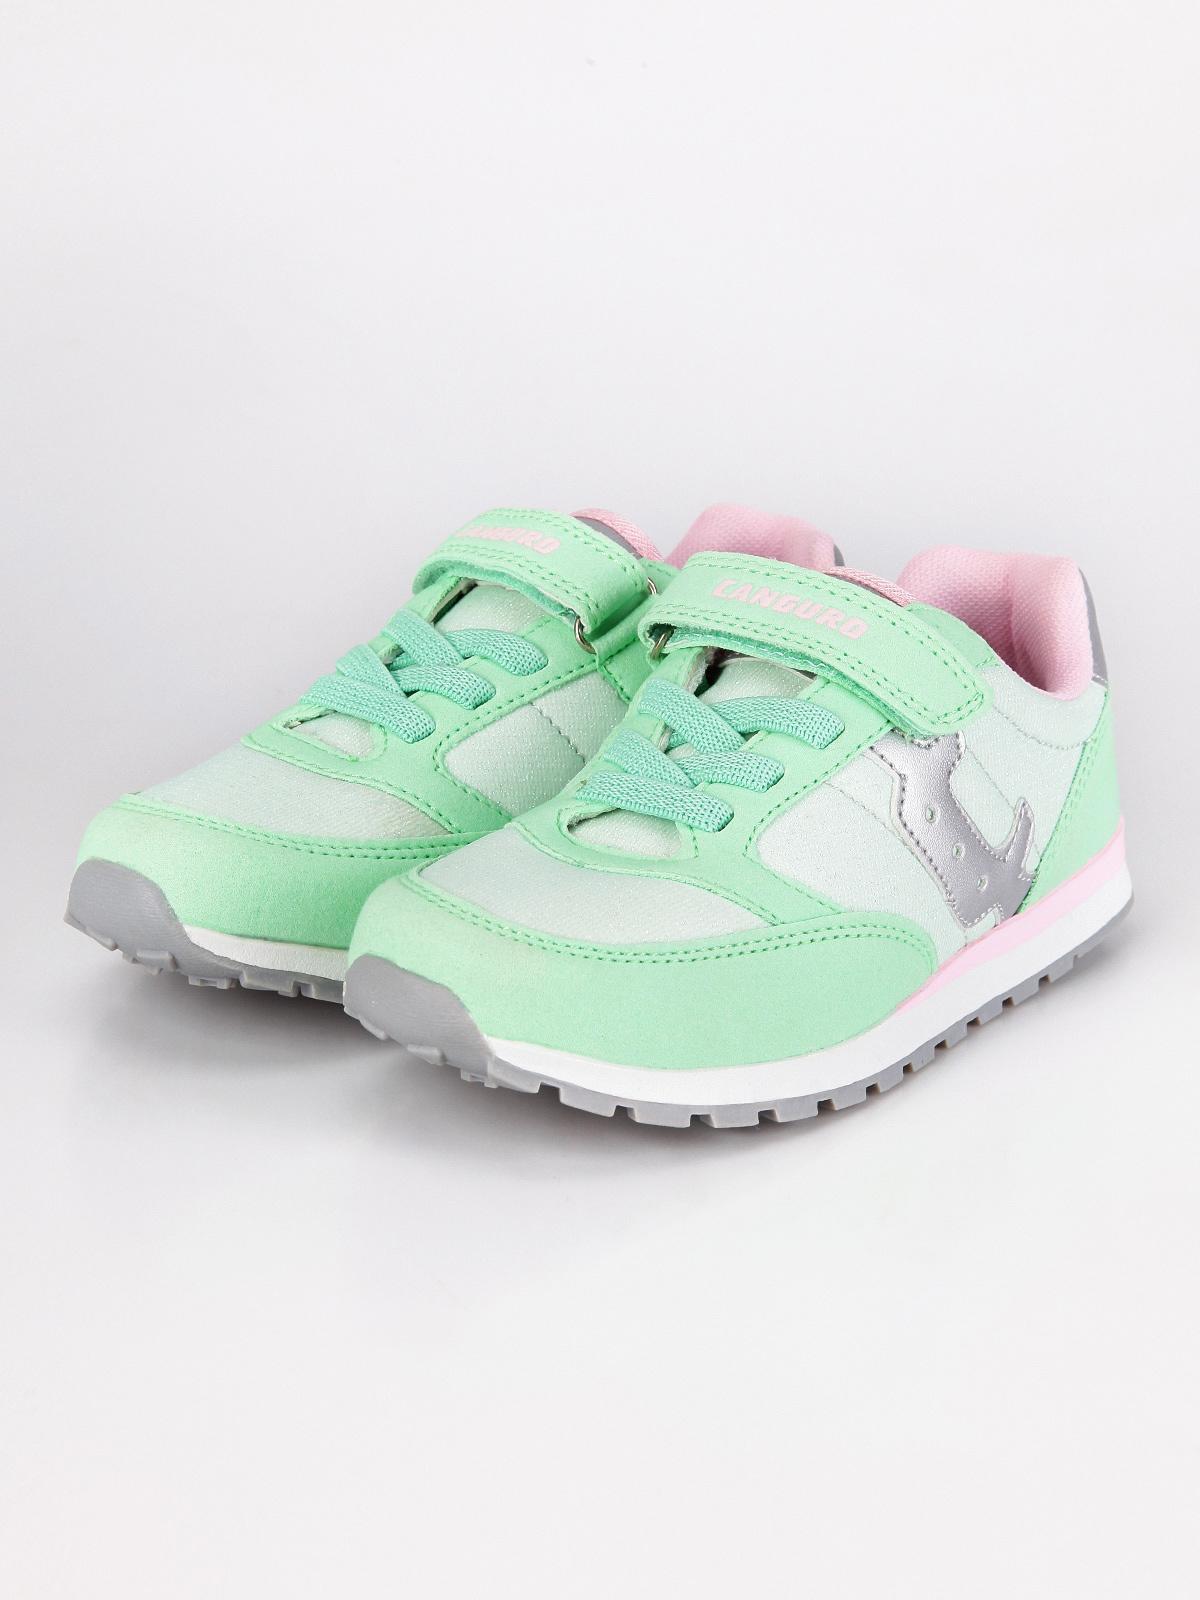 CANGURO Scarpe sneakers con bande elastiche e strappo Bambina fuxia//verde